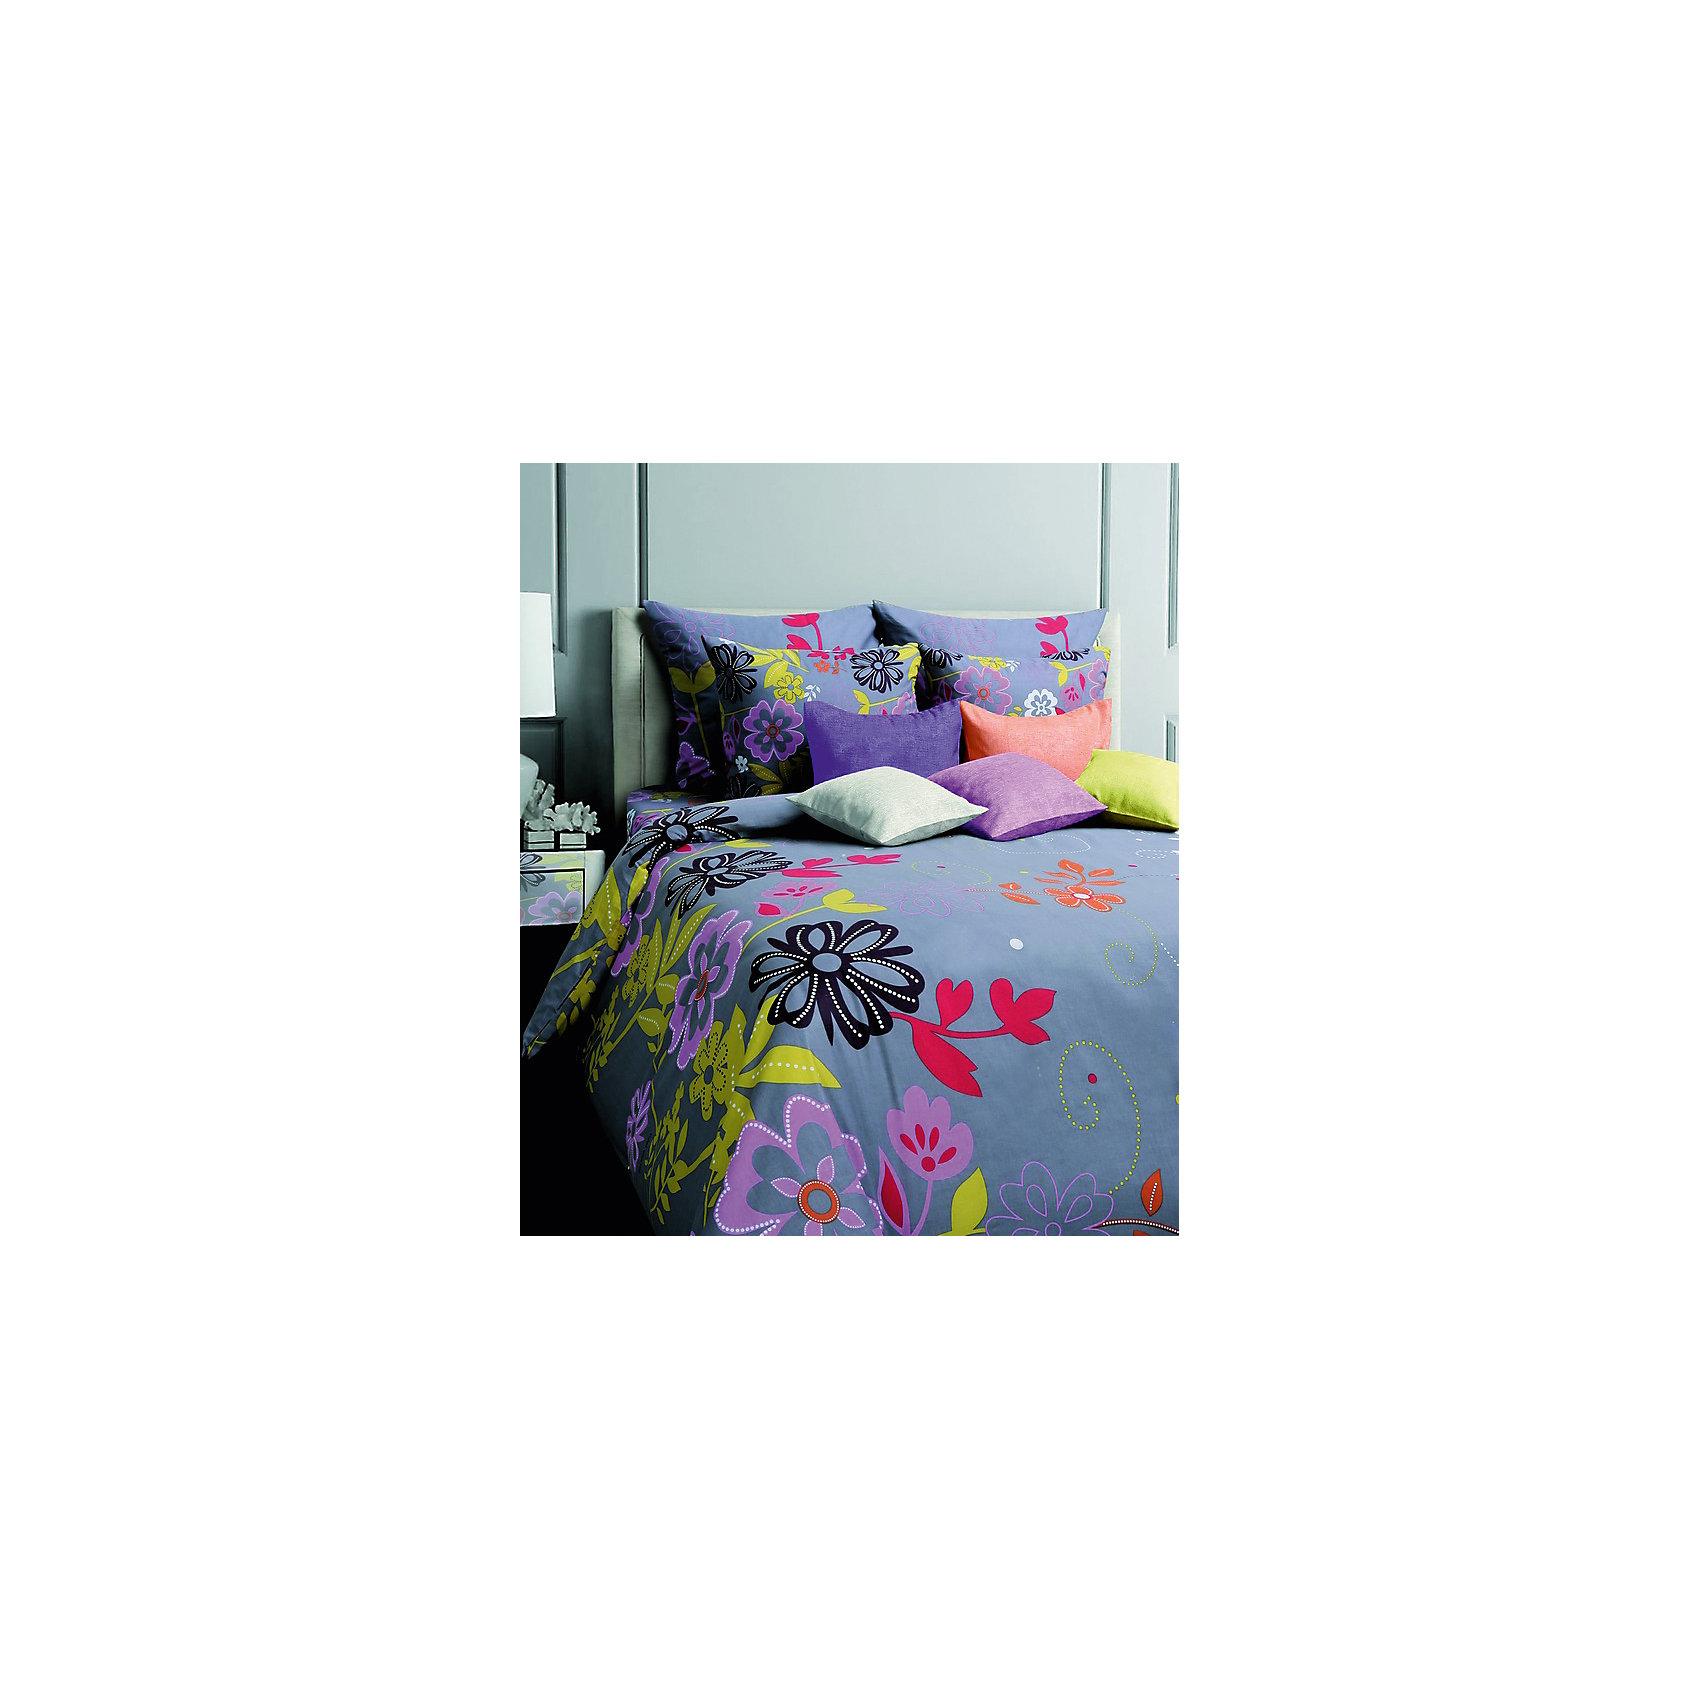 Постельное белье Dora, 2-спальный, 50*70, Mona LizaДомашний текстиль<br>Характеристики:<br><br>• Вид домашнего текстиля: постельное белье<br>• Тип постельного белья по размерам: 2сп<br>• Серия: Mona Liza Classic<br>• Сезон: круглый год<br>• Материал: бязь <br>• Цвет: желтый, красный, розовый, серый<br>• Комплектация: <br> пододеяльник на пуговицах – 1 шт. 175*210 см <br> простынь – 1 шт. 215*240 см<br> наволочки – 2 шт. (50*70 см)<br>• Тип упаковки: книжка <br>• Вес в упаковке: 1 кг 970 г<br>• Особенности ухода: машинная стирка при температуре 30 градусов<br><br>Постельное белье 2сп Dora 70*70, Mona Liza изготовлено под отечественным торговым брендом, выпускающим постельное белье из натуральных тканей. Комплект выполнен из 100 % бязи, отличающейся высокими характеристиками не только прочности самого полотна, но и устойчивости окраски, которая выполняется по особой технологии. Комплектсостоит из 4-х предметов. Постельное белье выполнено в стильном дизайне с цветочным рисунком на сером фоне. <br>Постельное белье 2сп Dora 50*70, Mona Liza – домашний текстиль, соответствующий международным стандартам качества и безопасности!<br><br>Постельное белье 2сп Dora 50*70, Mona Liza можно купить в нашем интернет-магазине.<br><br>Ширина мм: 290<br>Глубина мм: 80<br>Высота мм: 370<br>Вес г: 2300<br>Возраст от месяцев: 84<br>Возраст до месяцев: 1188<br>Пол: Женский<br>Возраст: Детский<br>SKU: 5165686